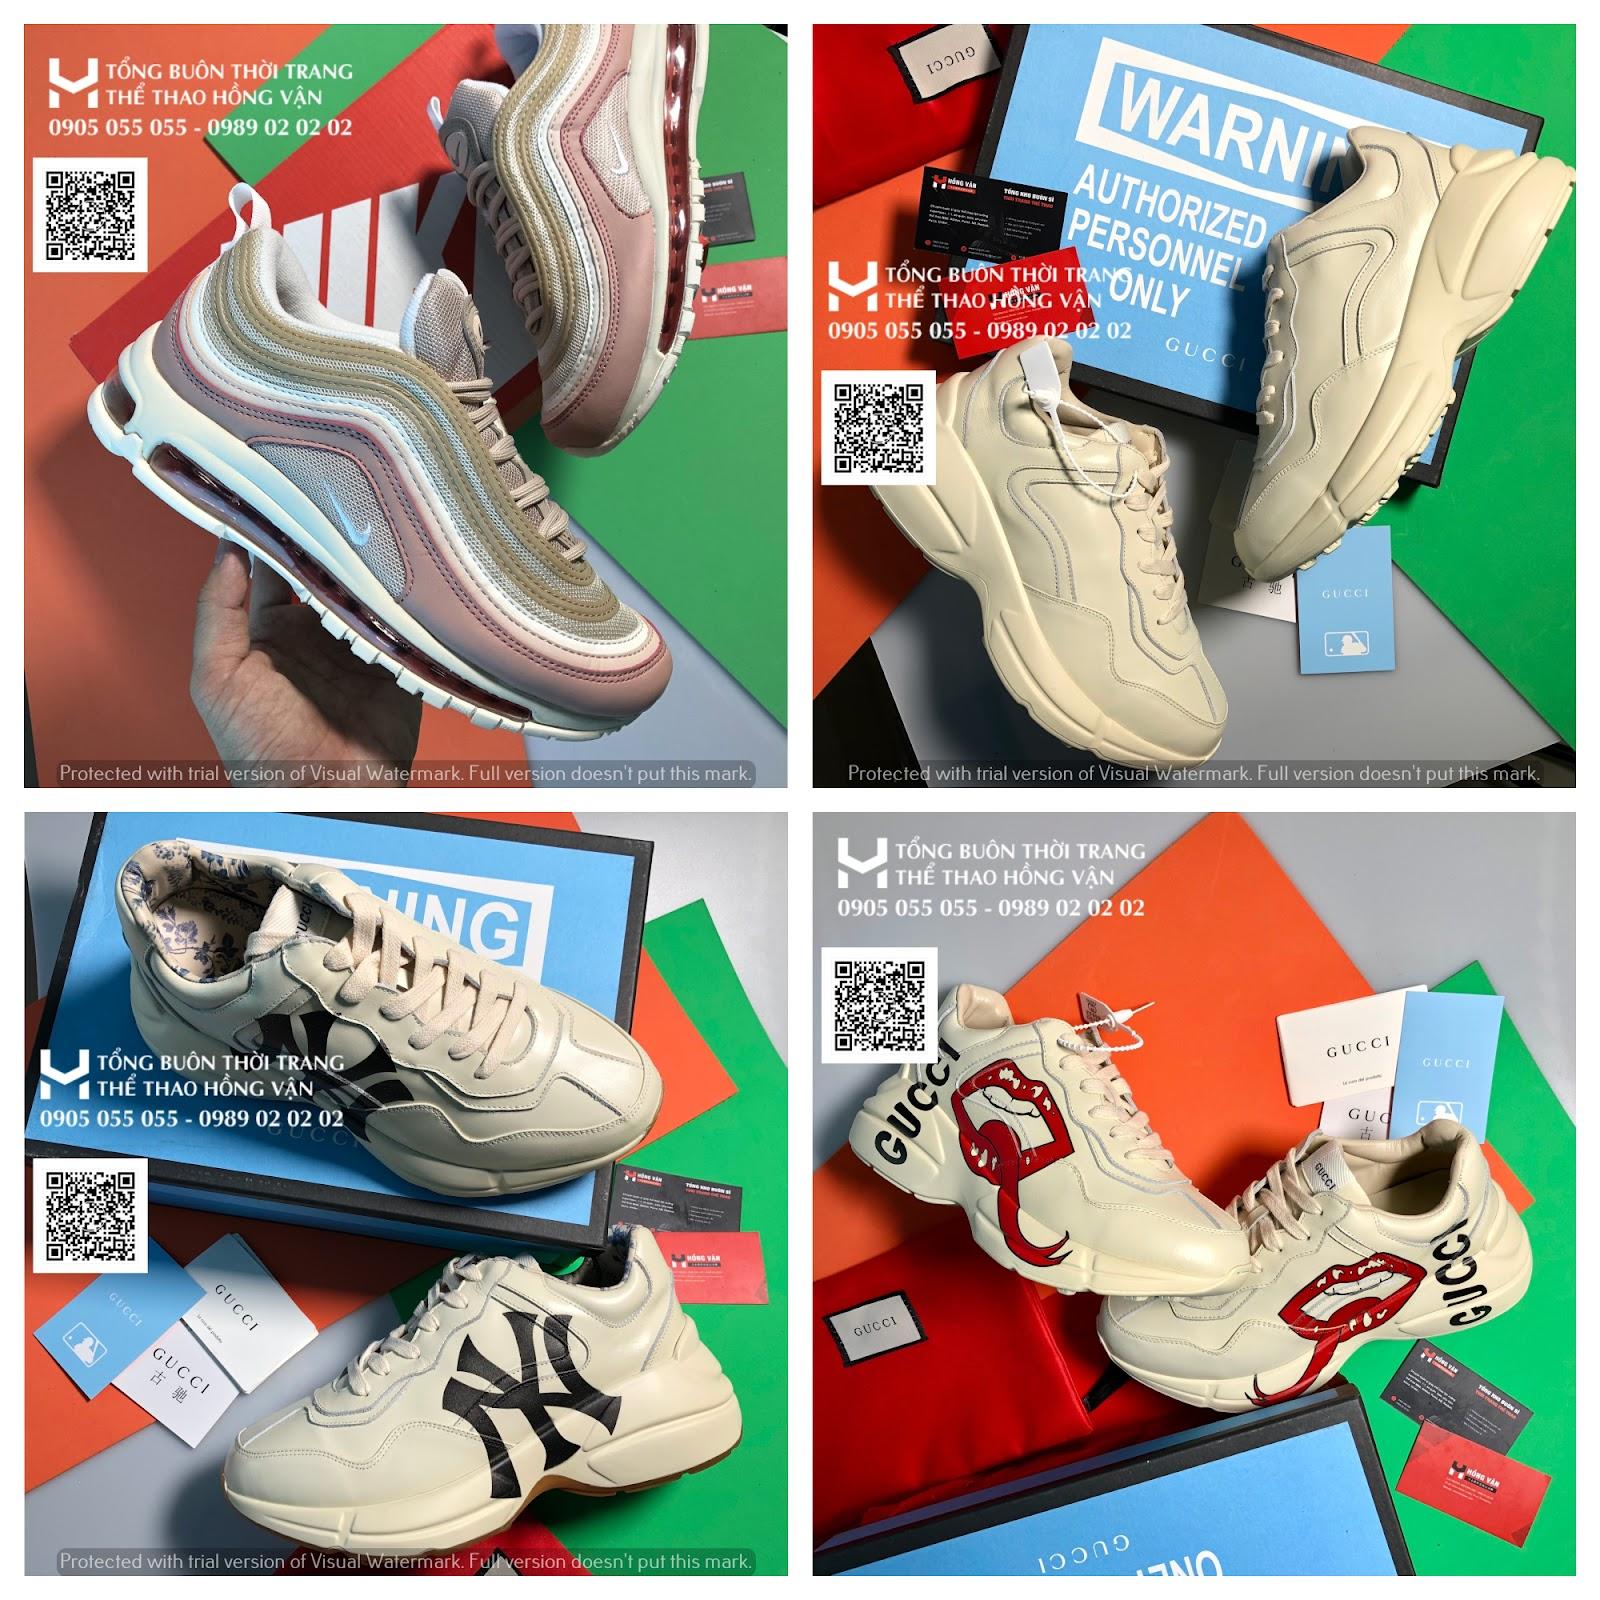 Hồng Vận - Tổng buôn sỉ giày thể thao chất lượng , uy tín ( hình thật - 6